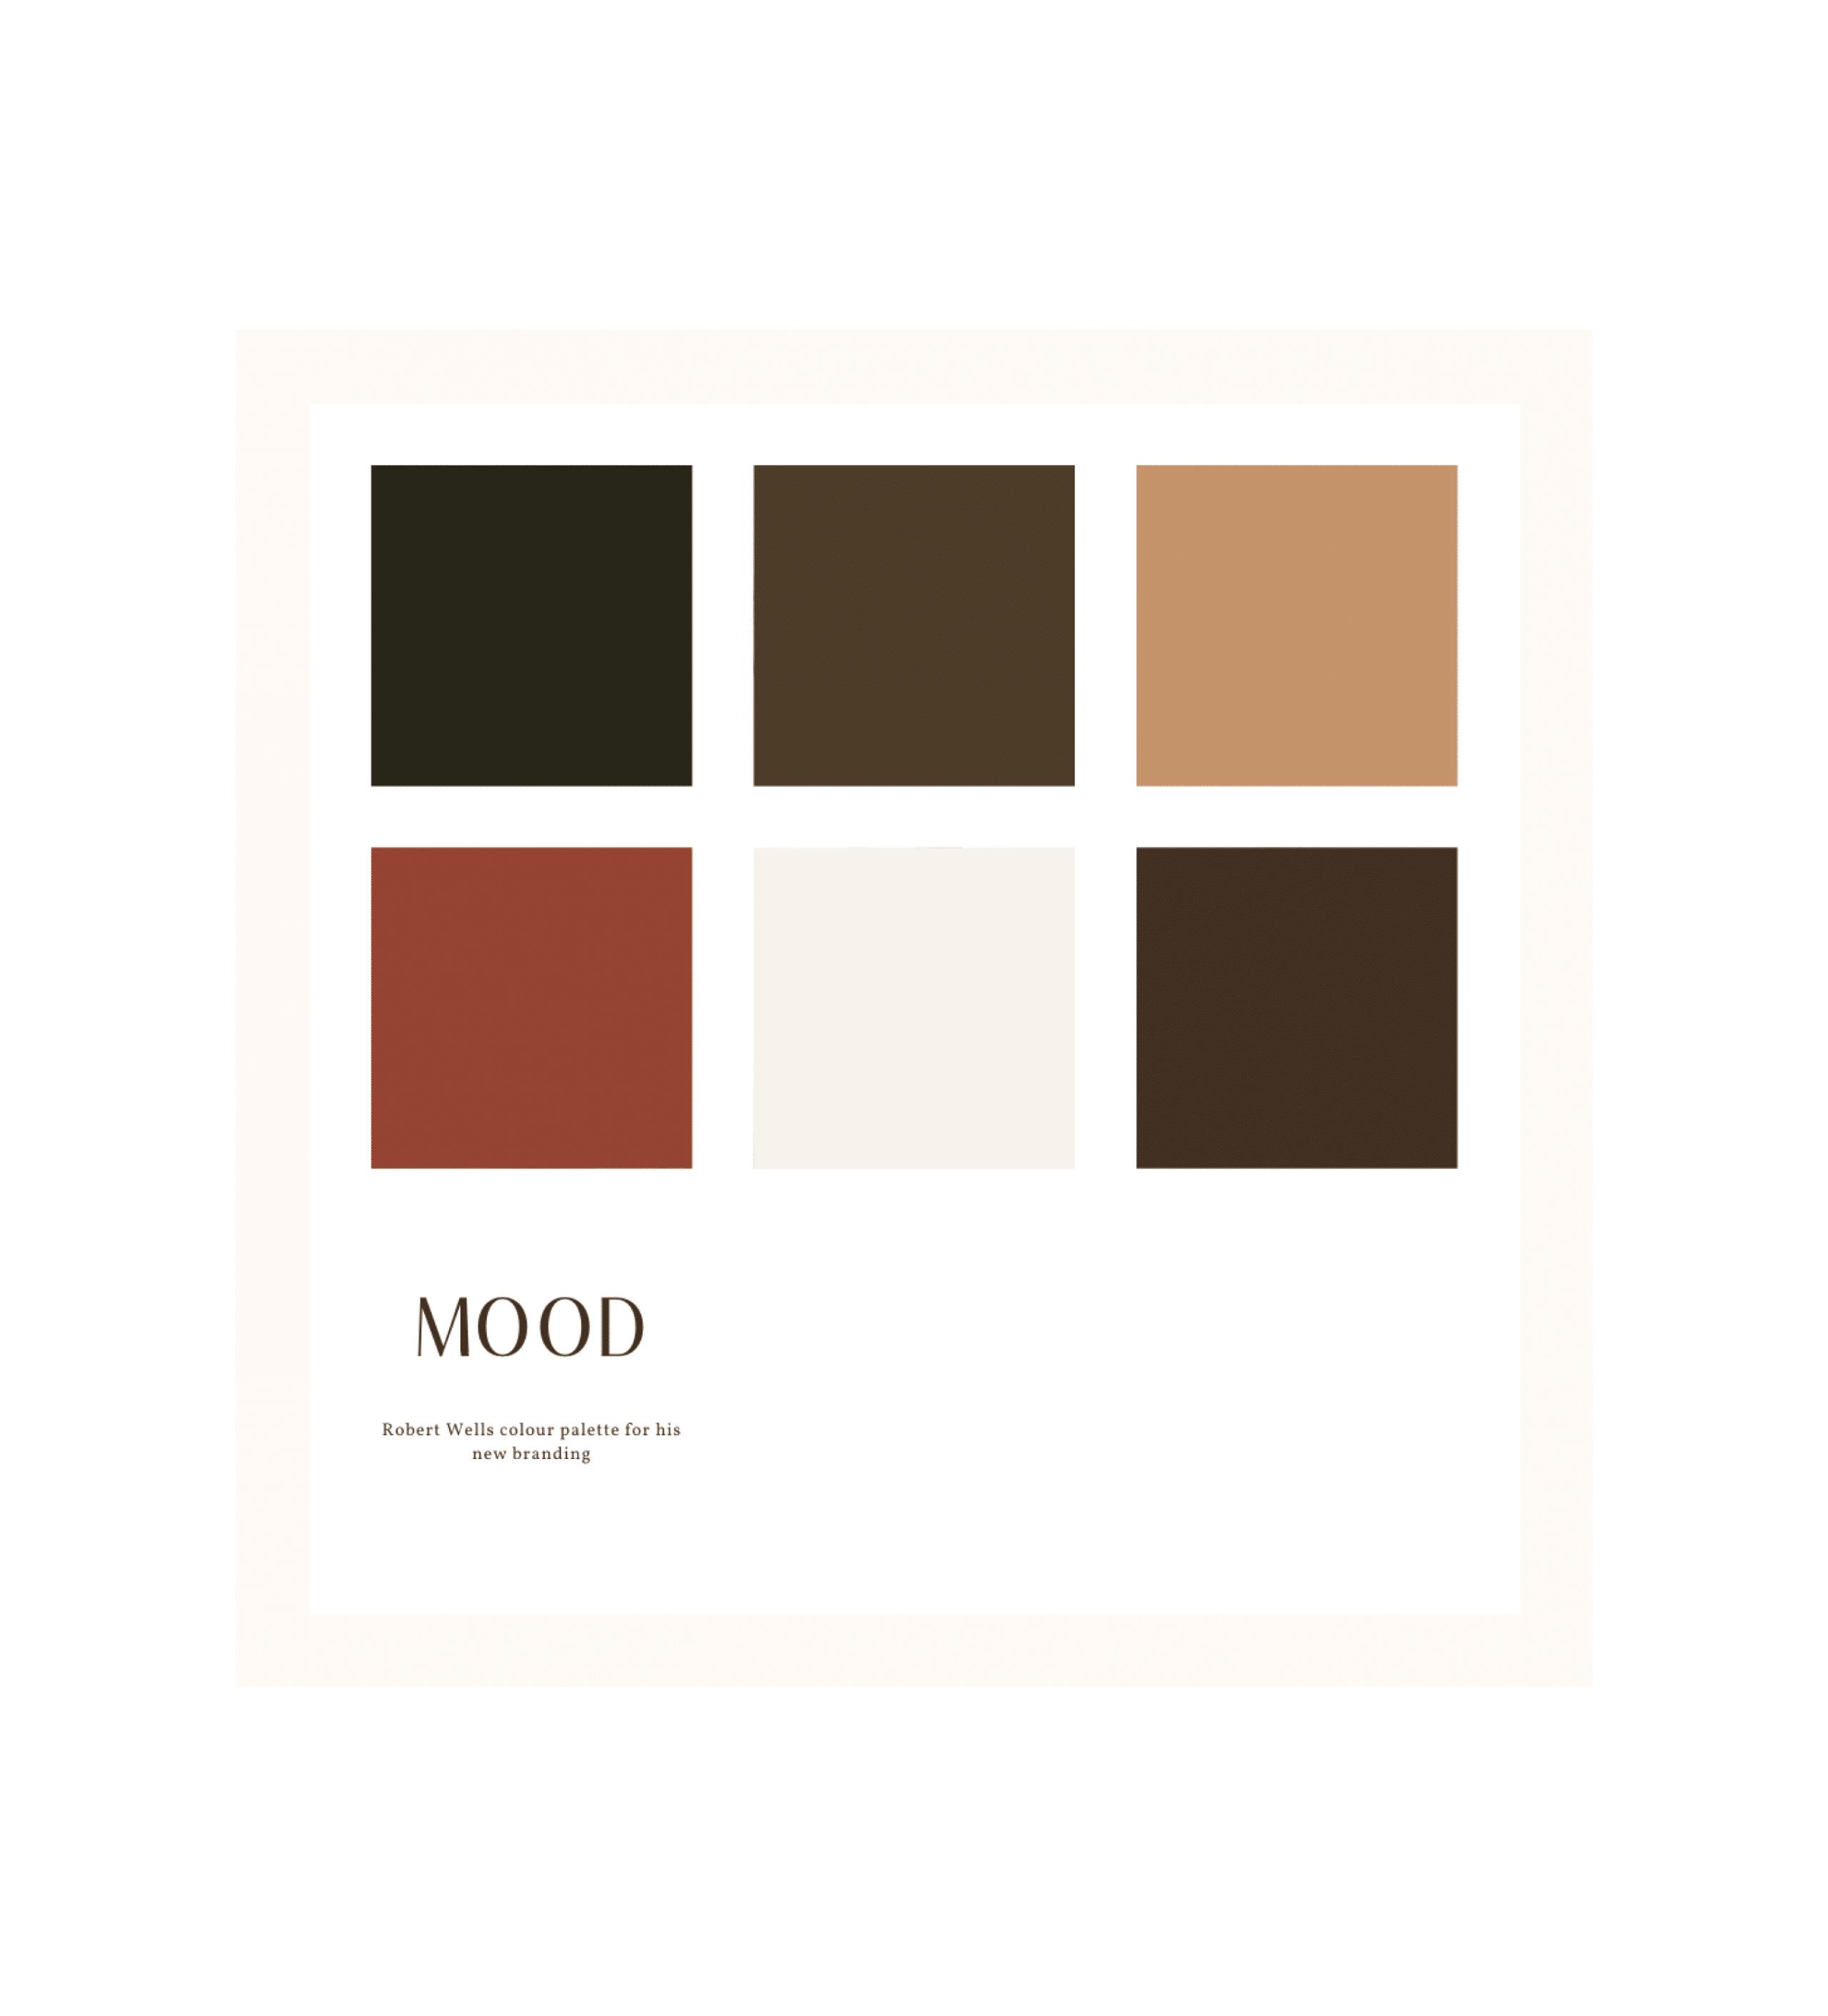 Robert Wells Branding Colour Palette